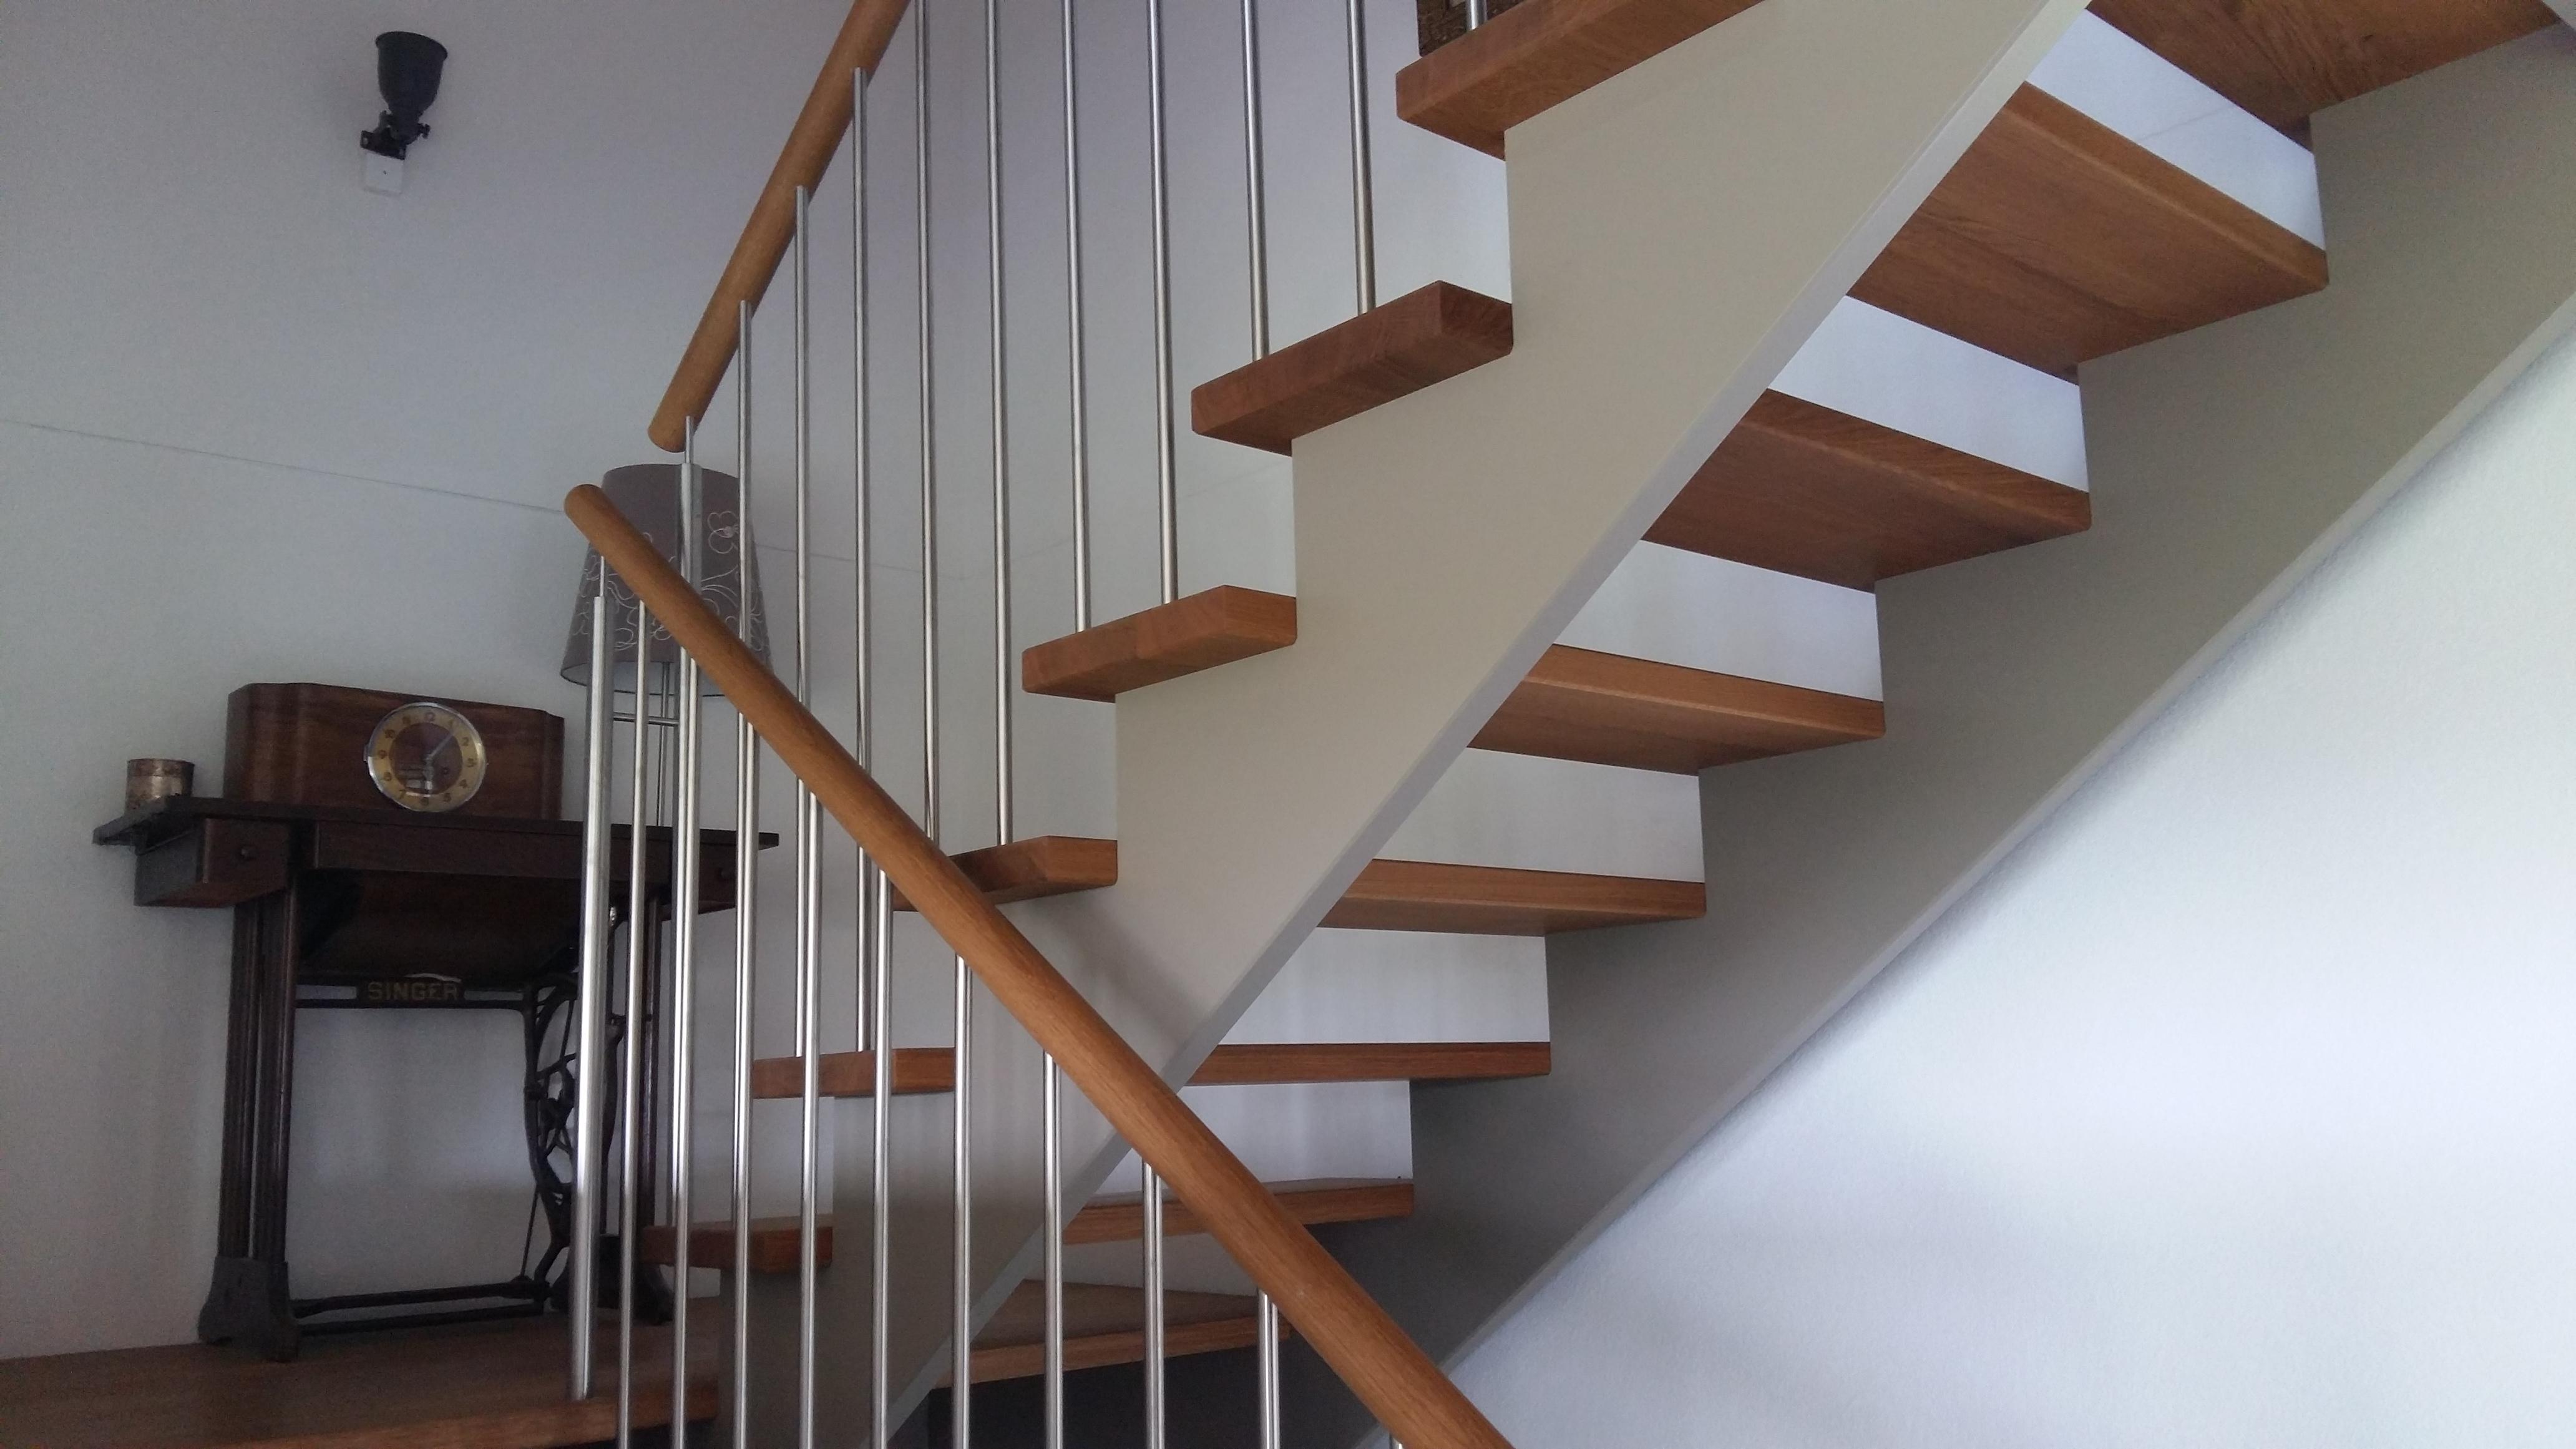 Escalier moderne - Construction bois– Construction bois